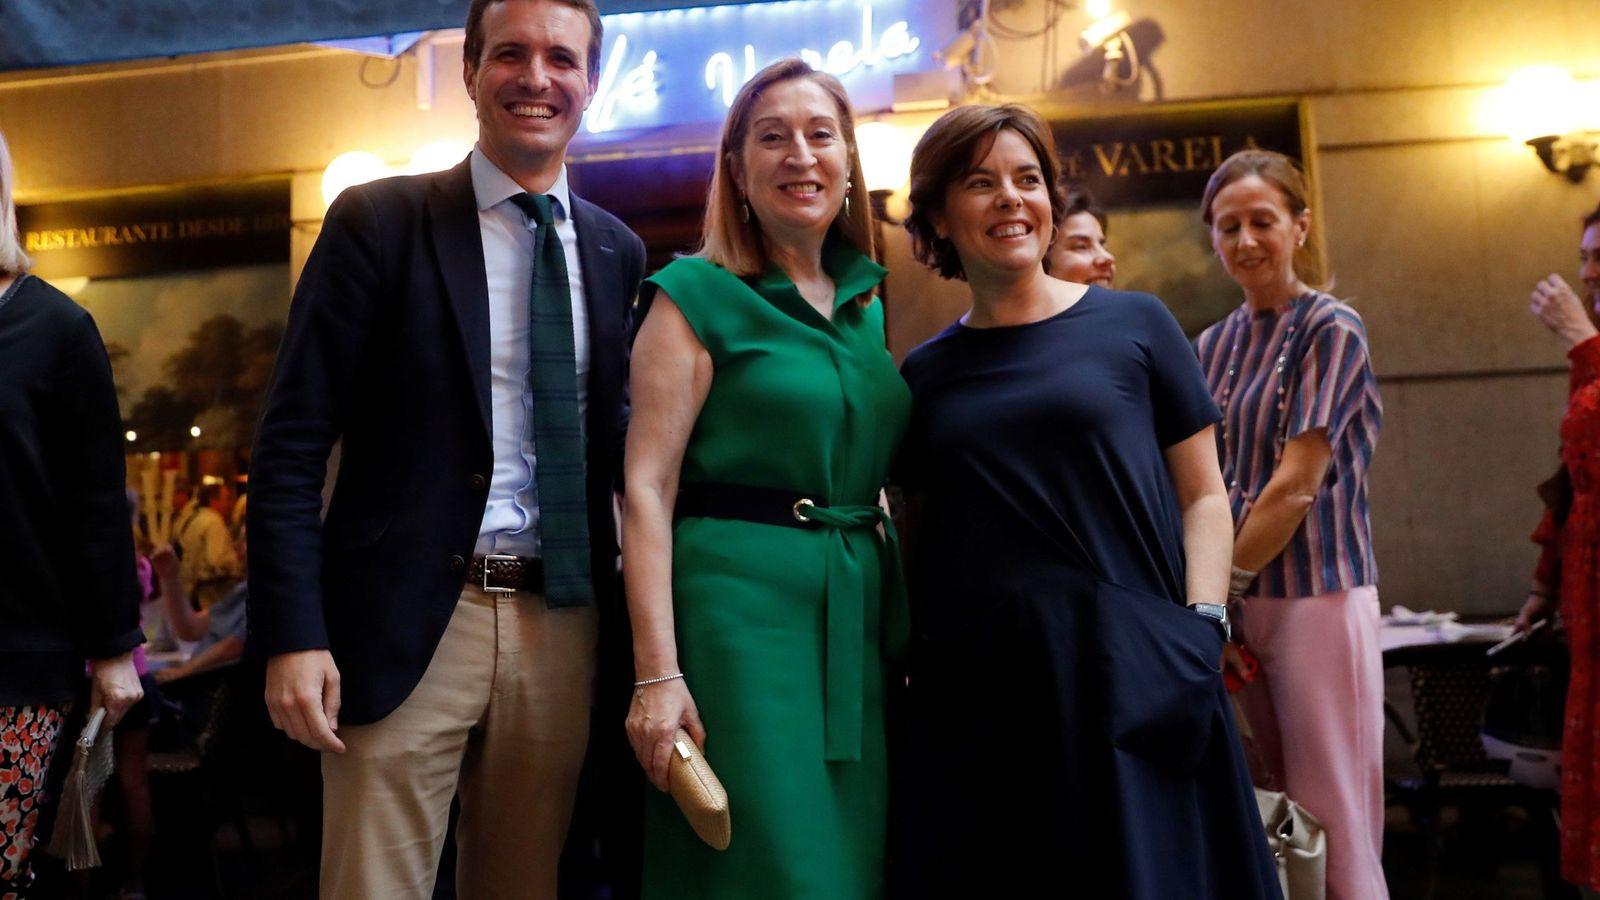 Foto: La presidenta del congreso Ana Pastor (c) junto a los candidatos a la Presidencia del PP Pablo Casado y Soraya Sáenz de Santamaría. (EFE)